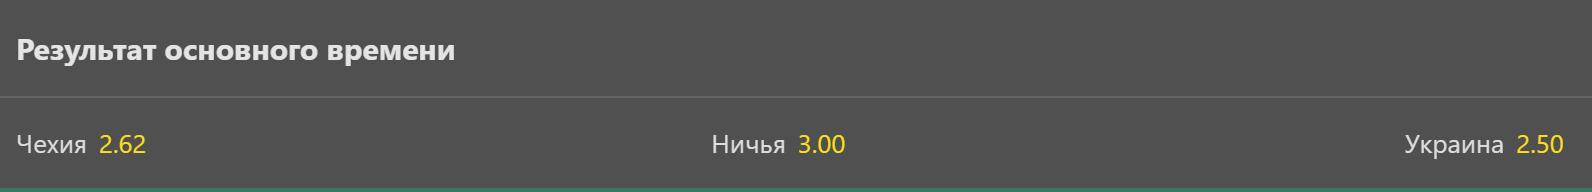 Котирування на матч Чехія - Україна